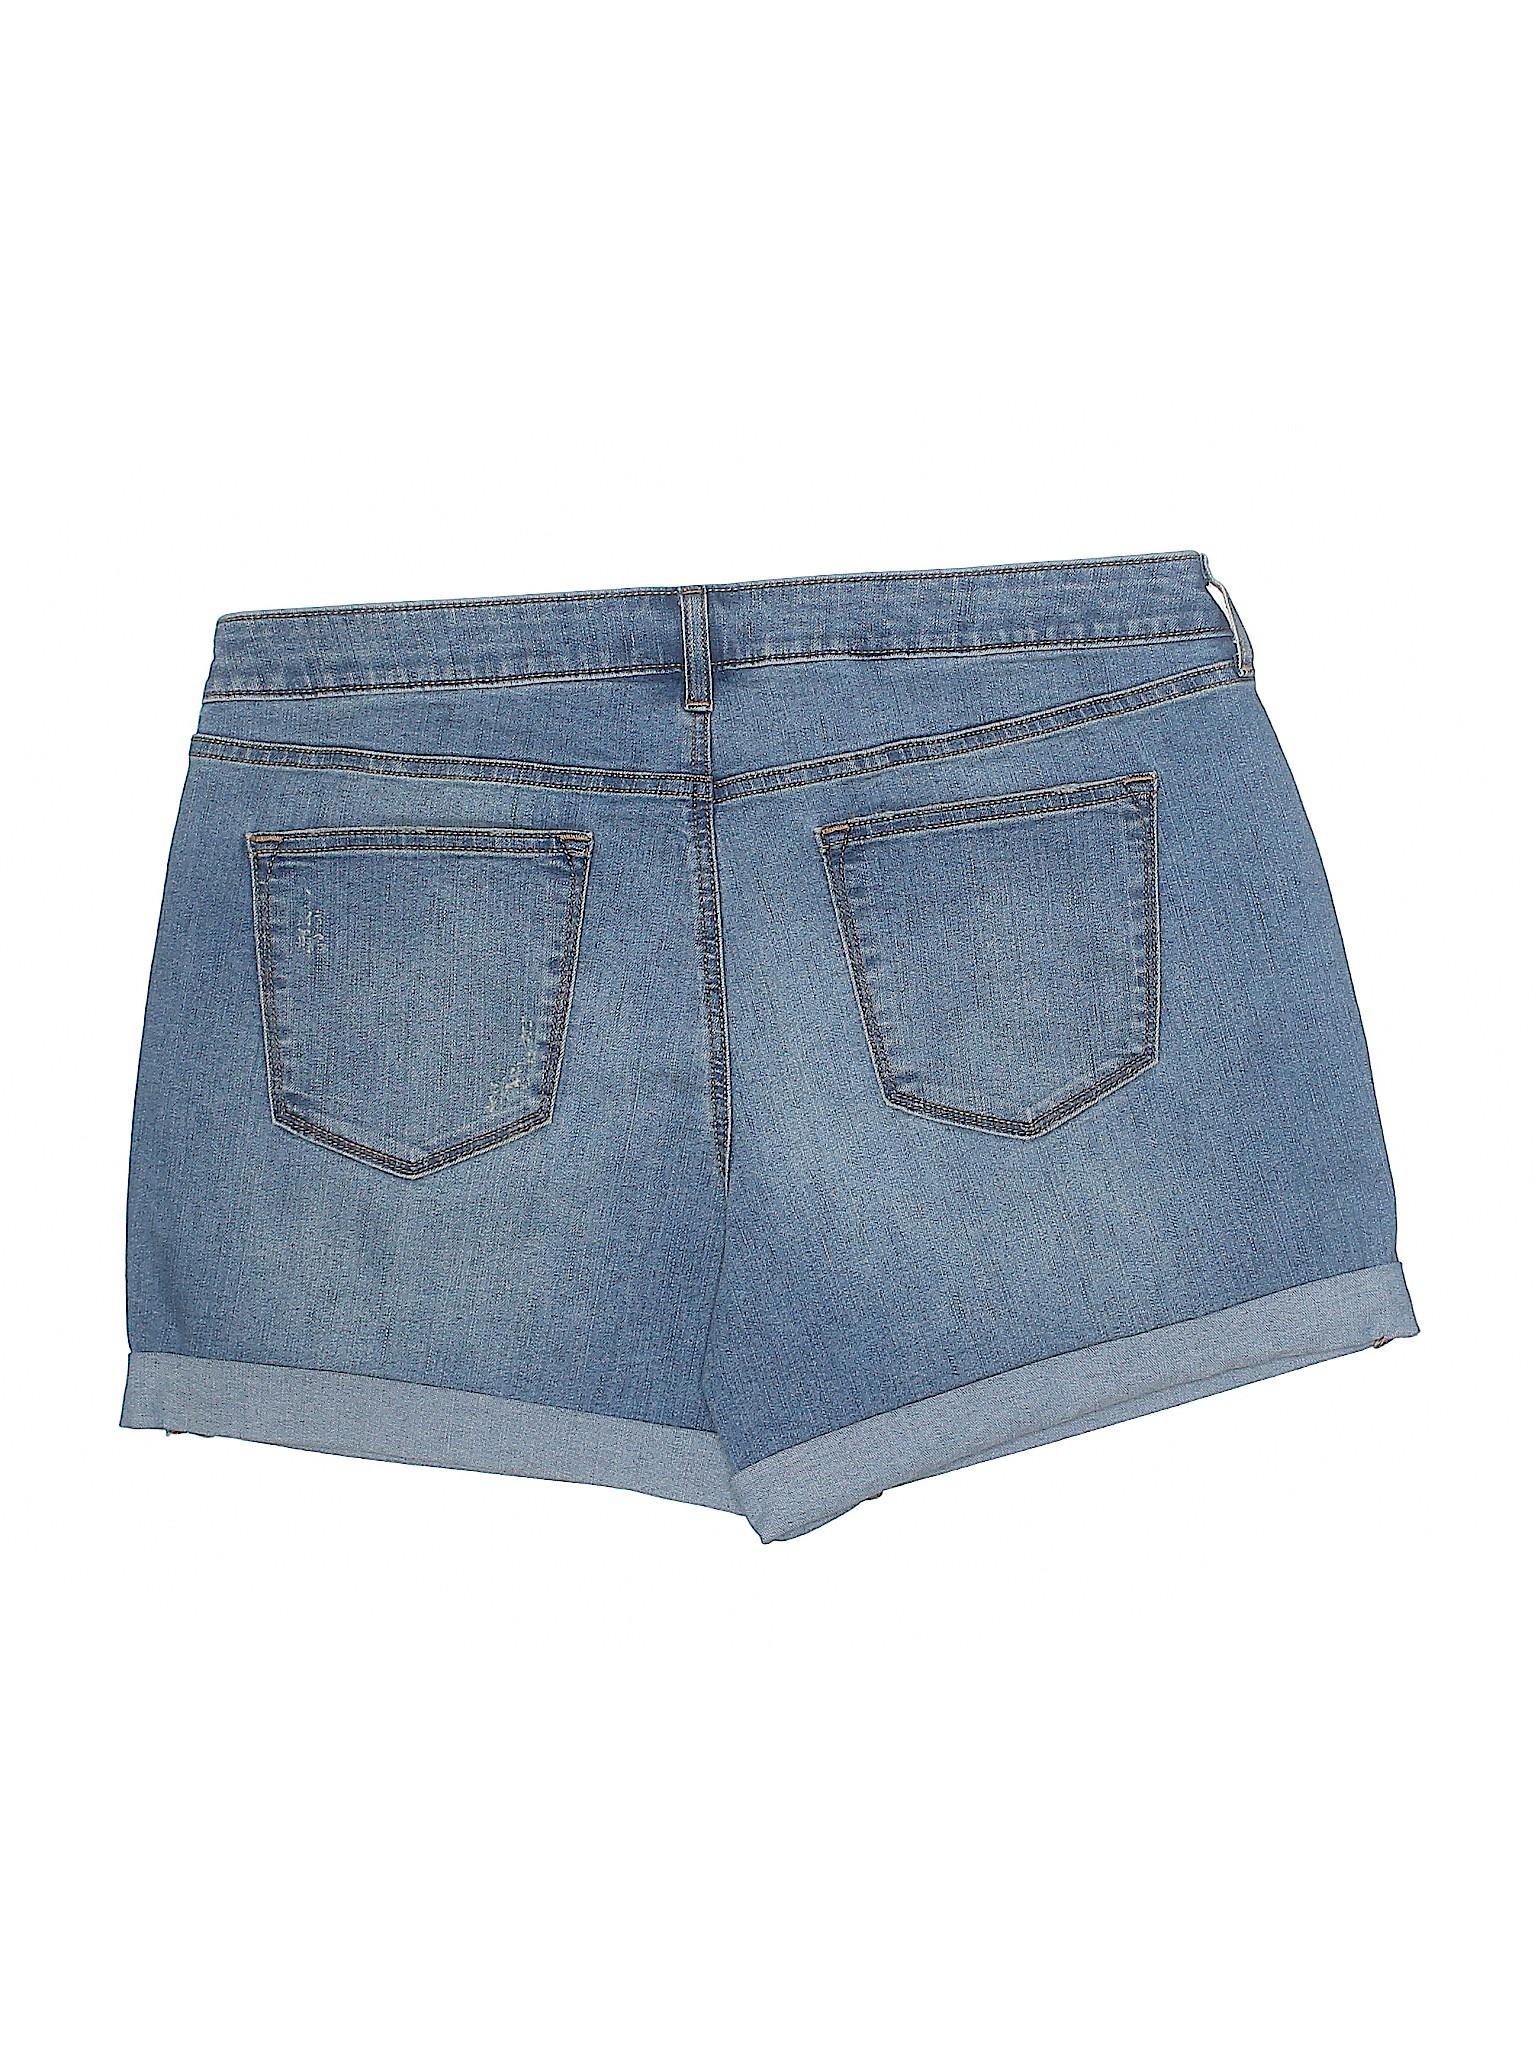 Life Goods for Boutique Denim Shorts Sonoma pxwOqSqt